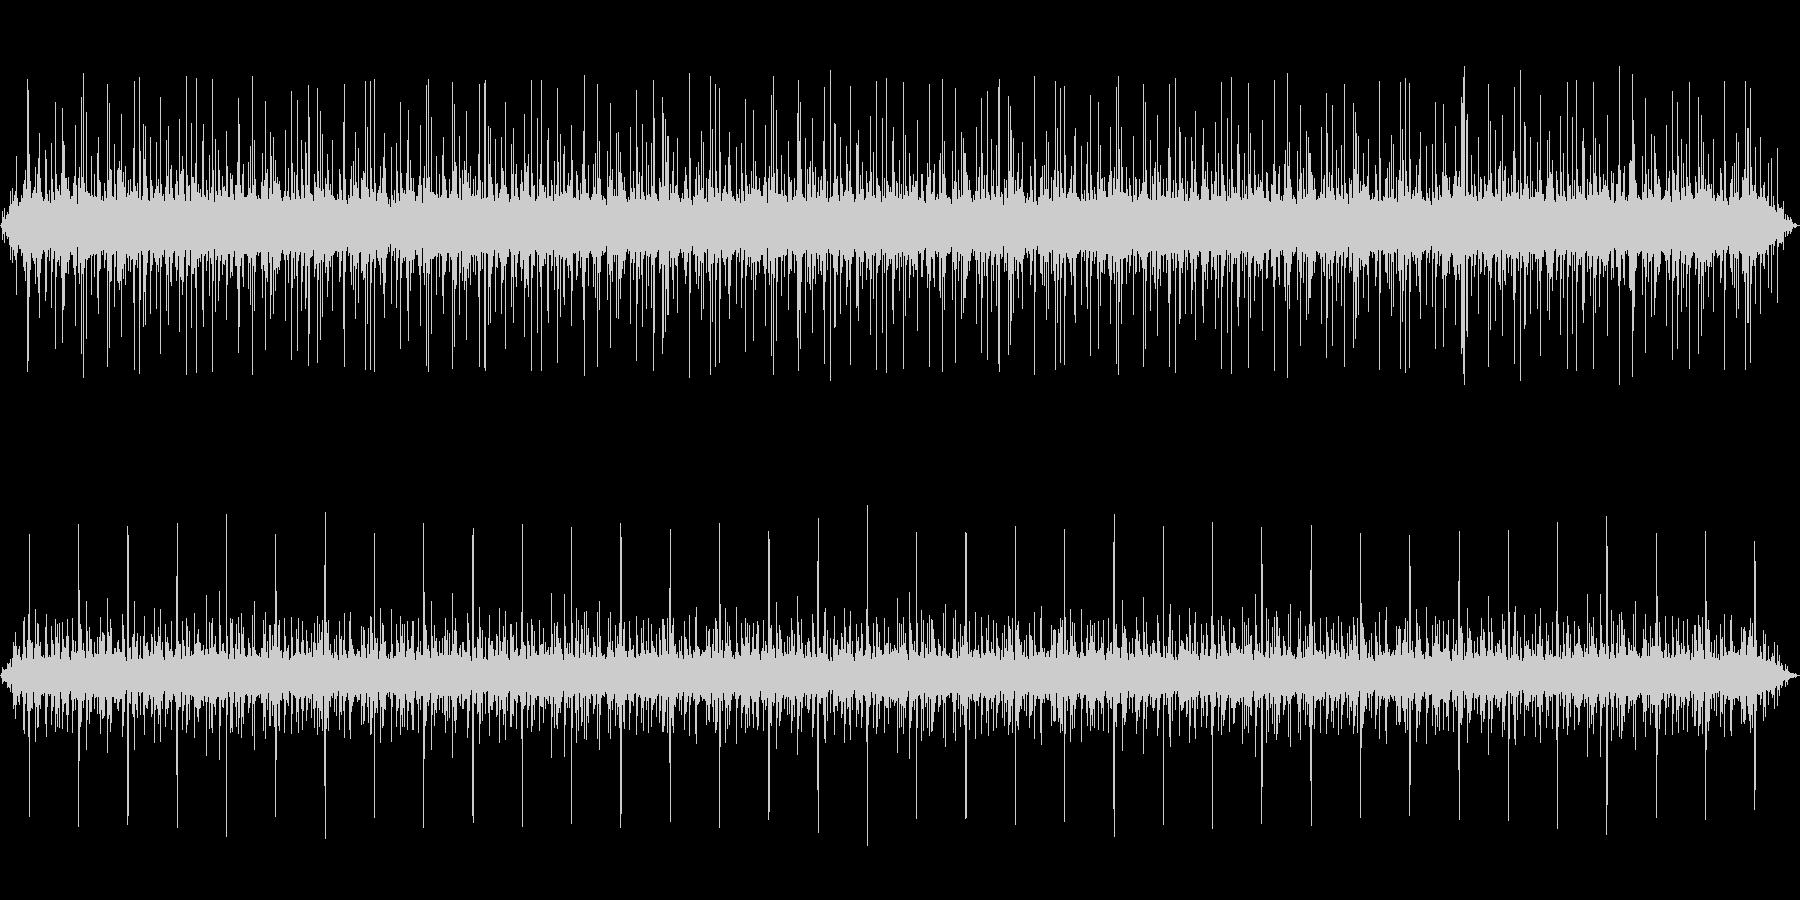 バネを作る機械の動作音03の未再生の波形